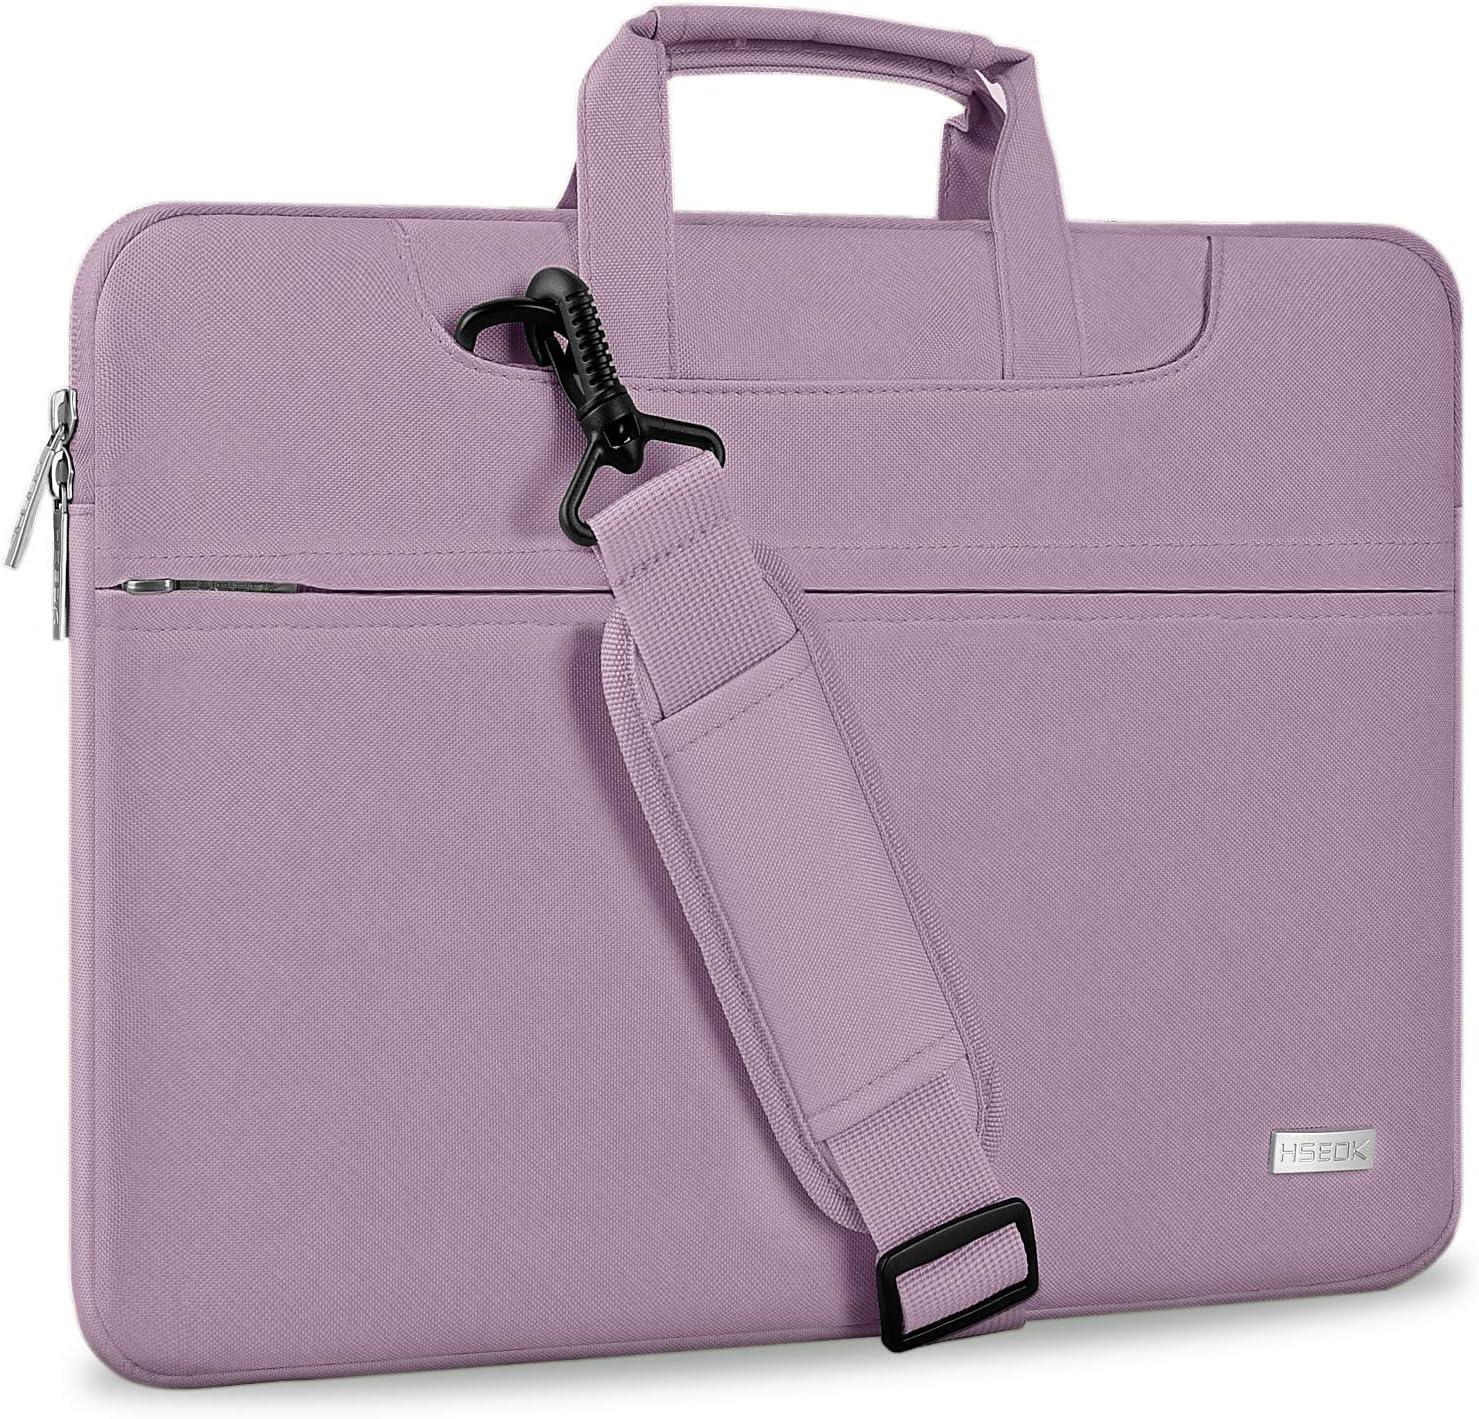 """Hseok Laptop Shoulder Bag 15 15.6 16 Inch Brifecase, Compatible MacBook Pro 16 15.4 Inch, XPS 15 Spill-Resistant Handbag with Shoulder Strap for Most 14""""-16"""" Notebooks, Purple"""